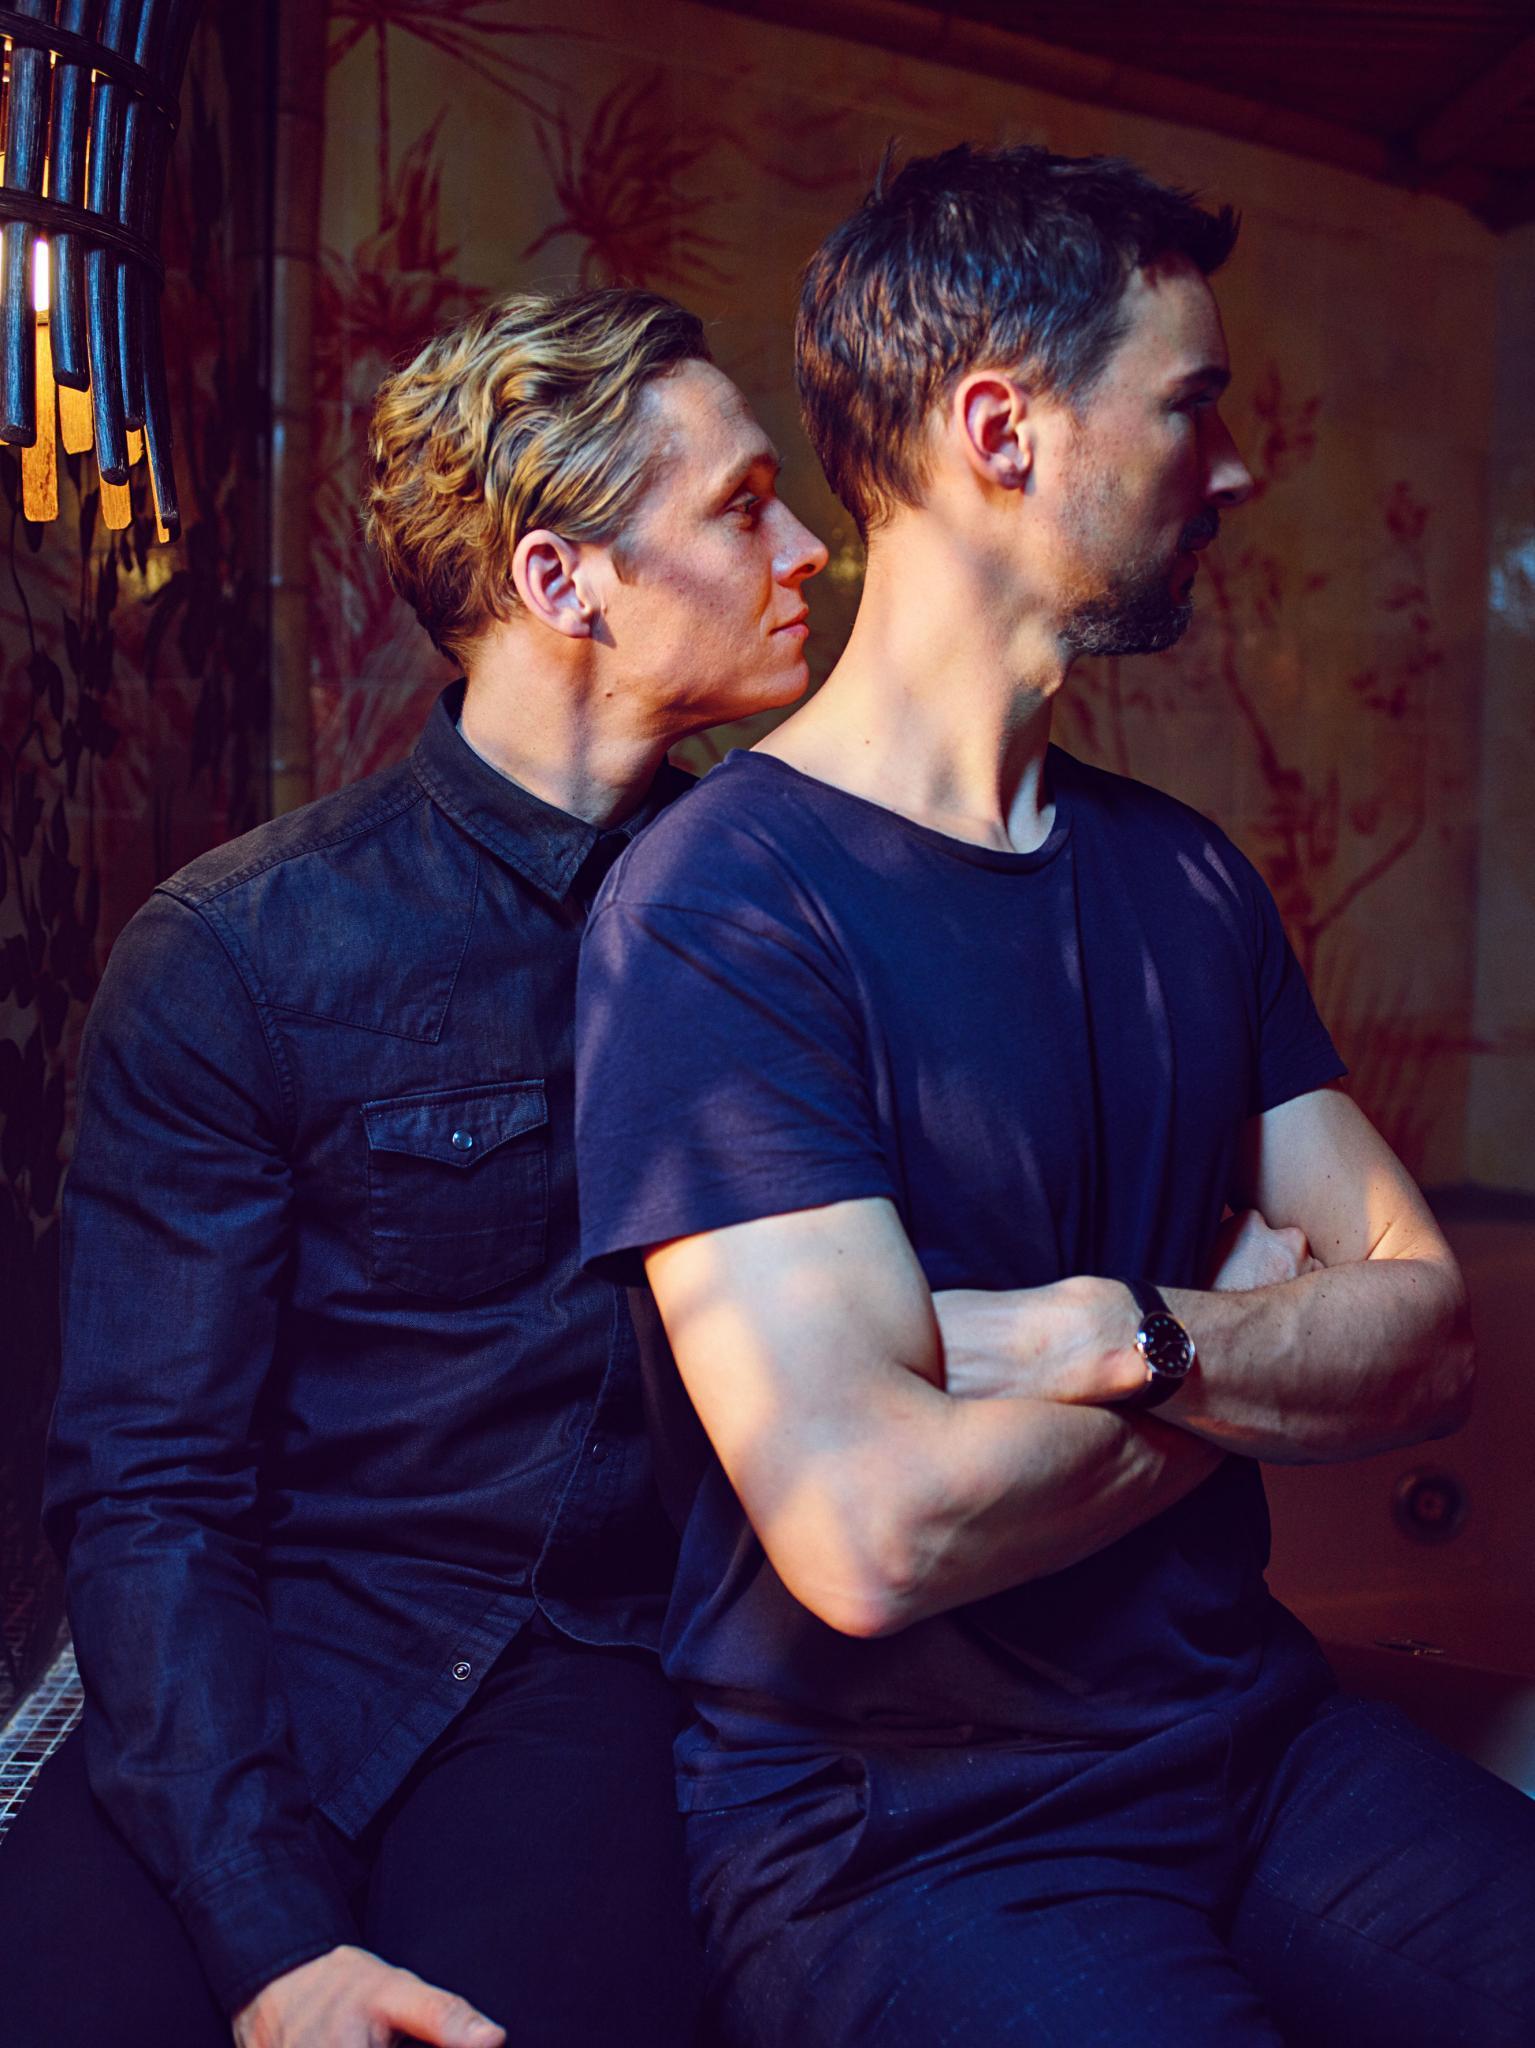 Guter Stil, gute Haltung, guter Film: Matthias Schweighöfer und Florian David Fitz sind ein harmonisches Duo